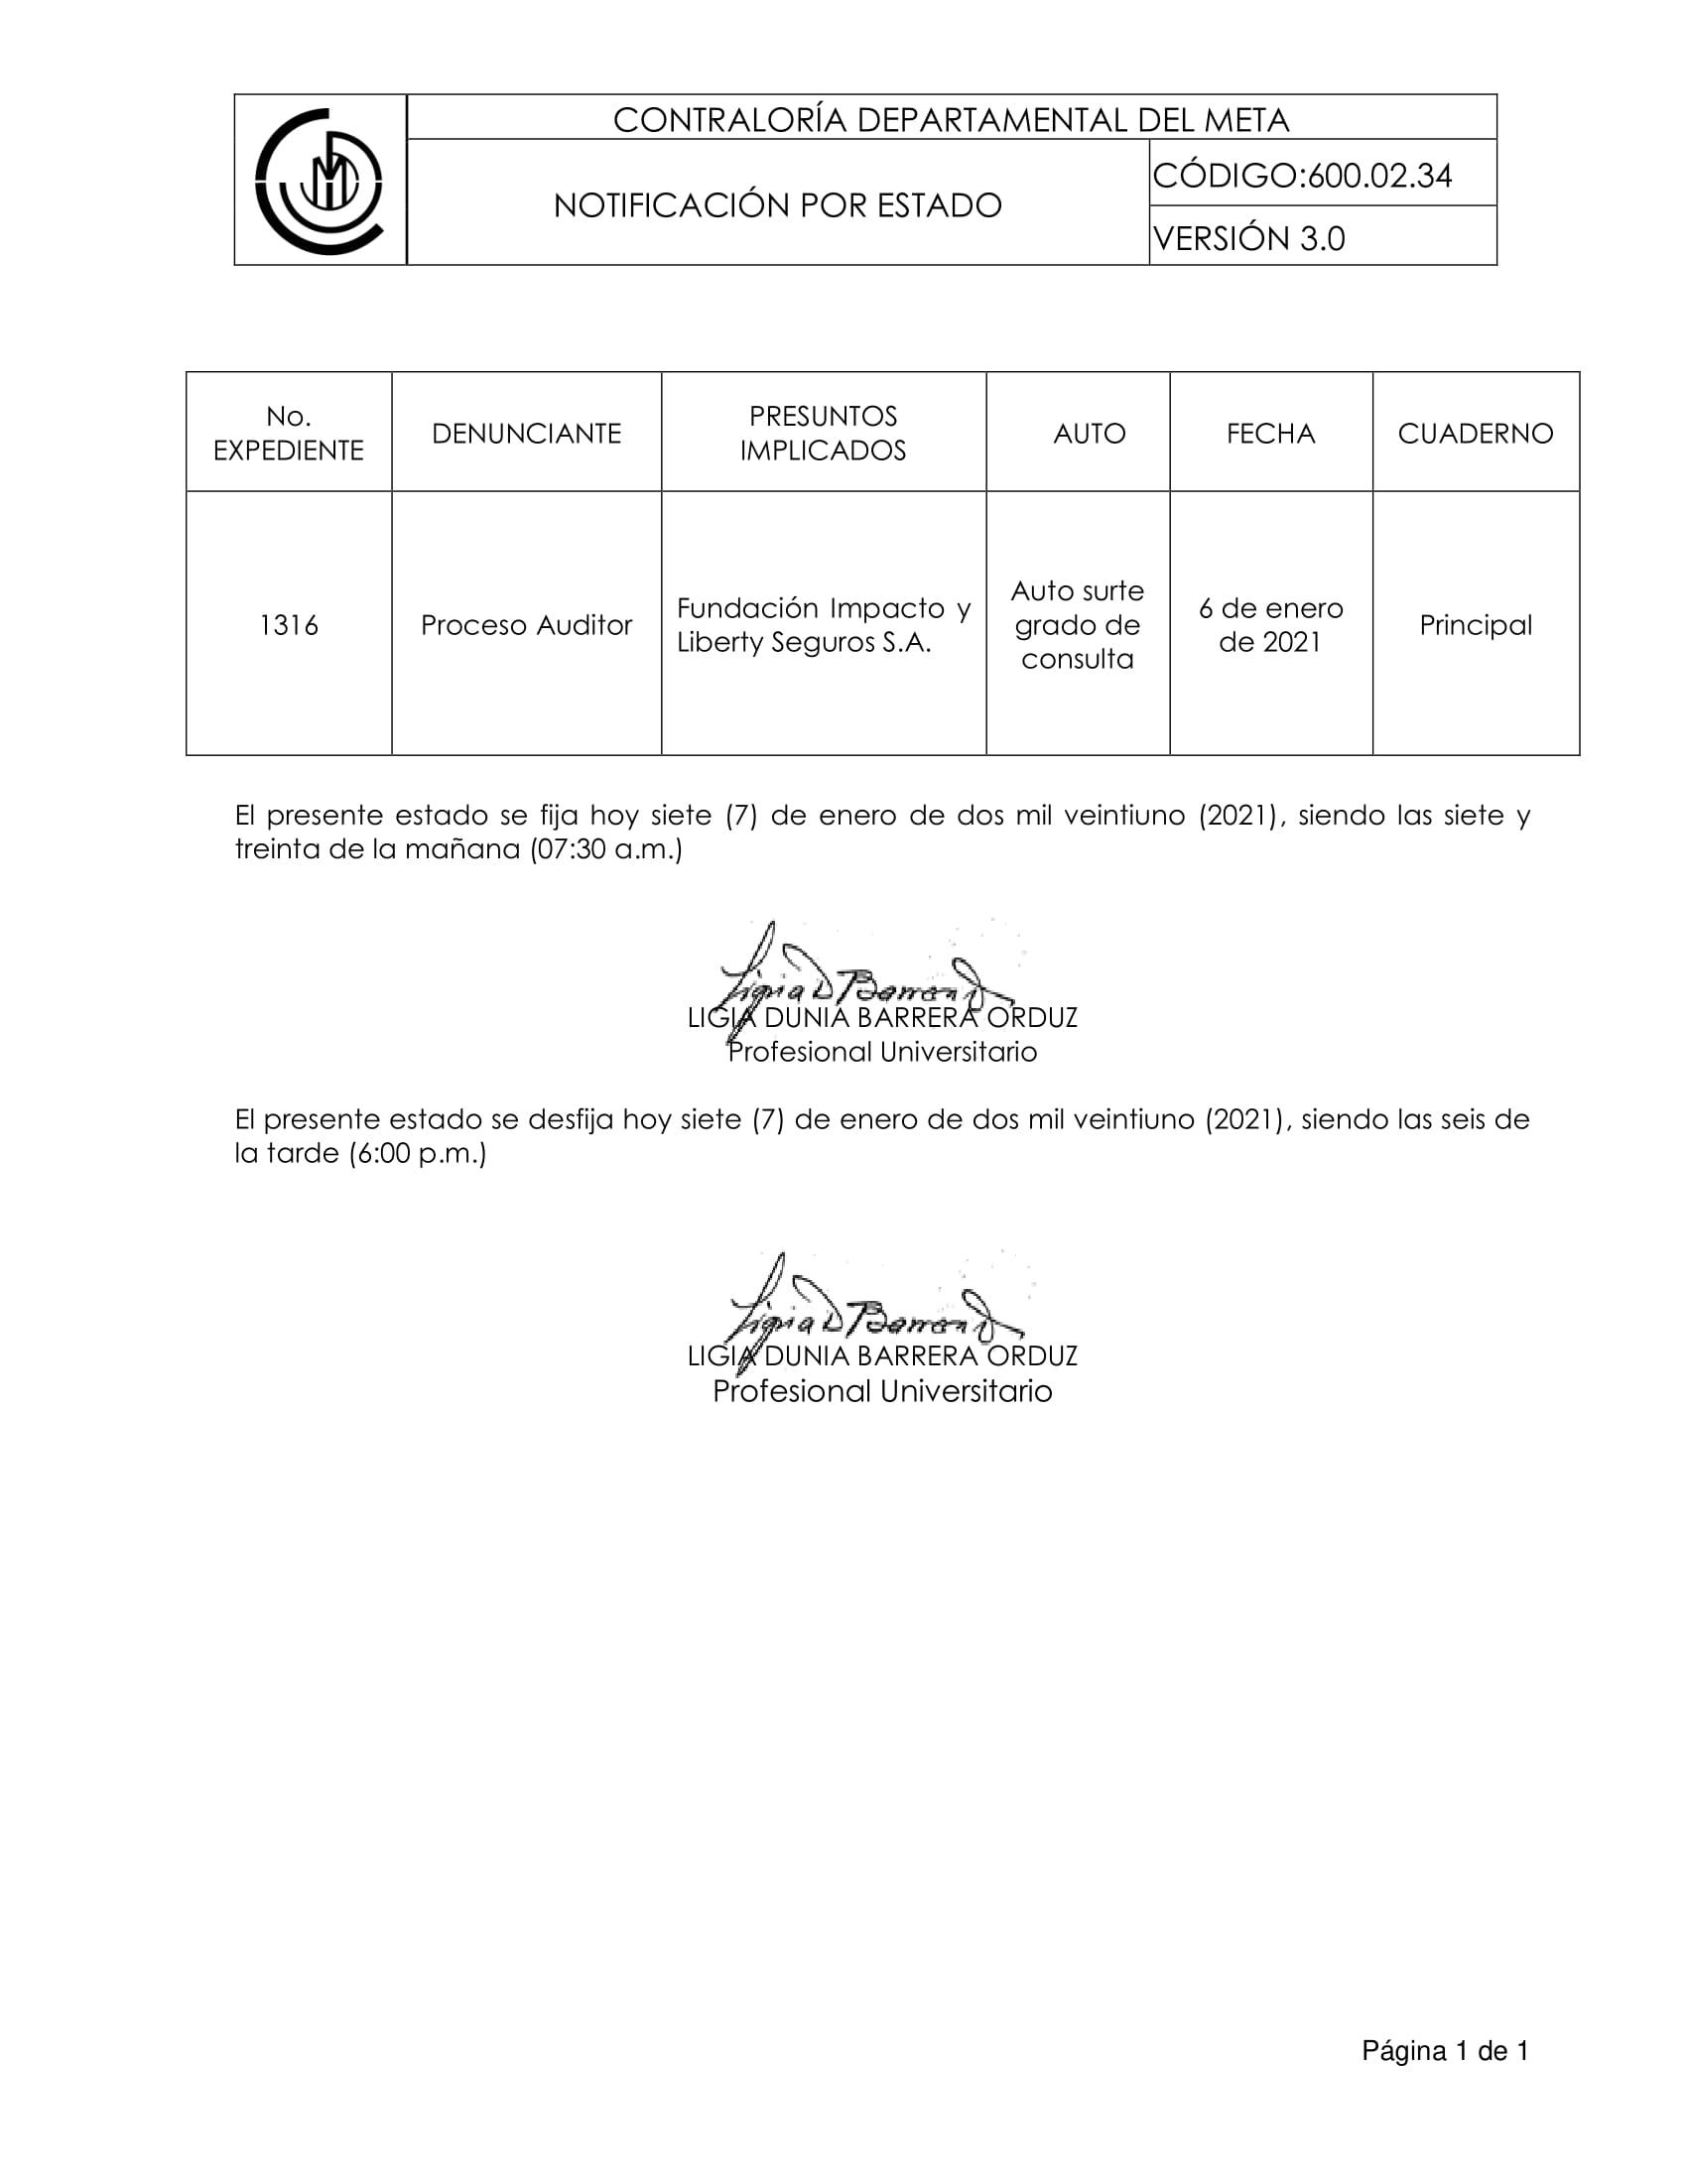 notific-por-estado-auto-grado-de-consulta-proc-rf-1316-1